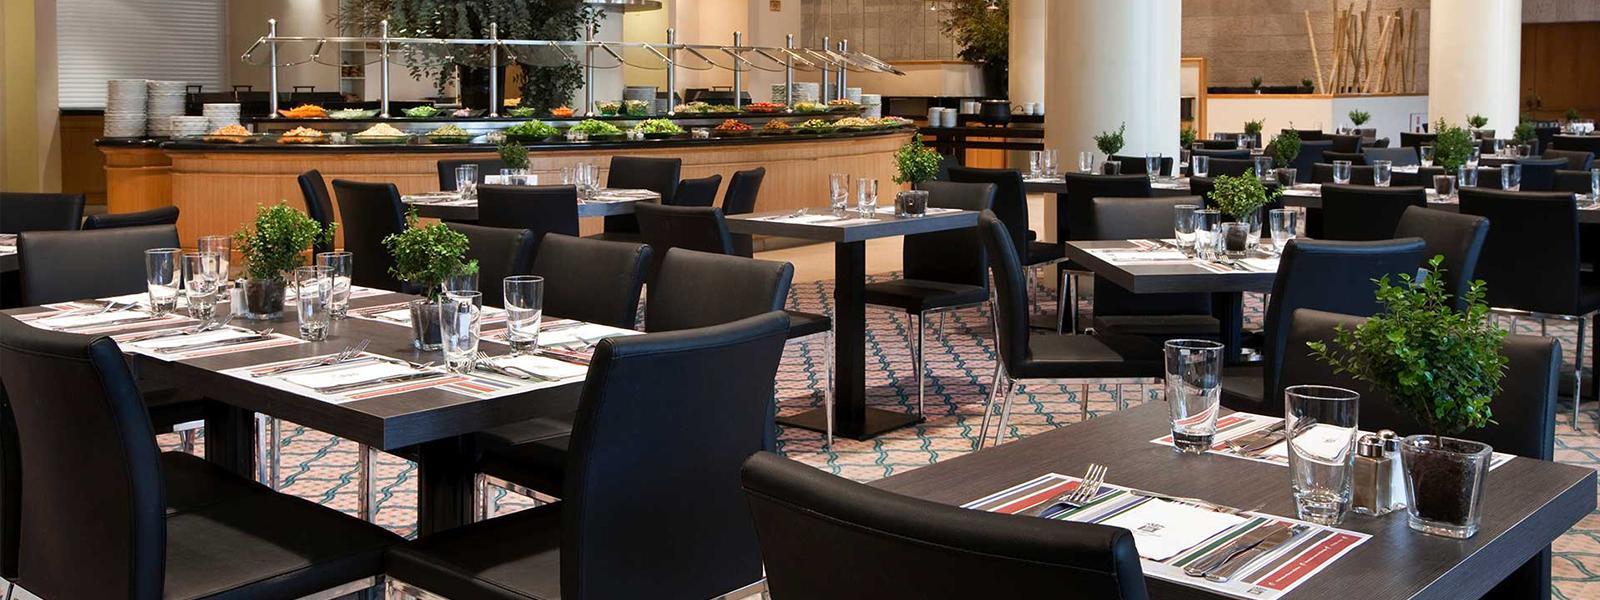 Dan Jerusalem Hotel - Premium Hospitality Experience | Dan